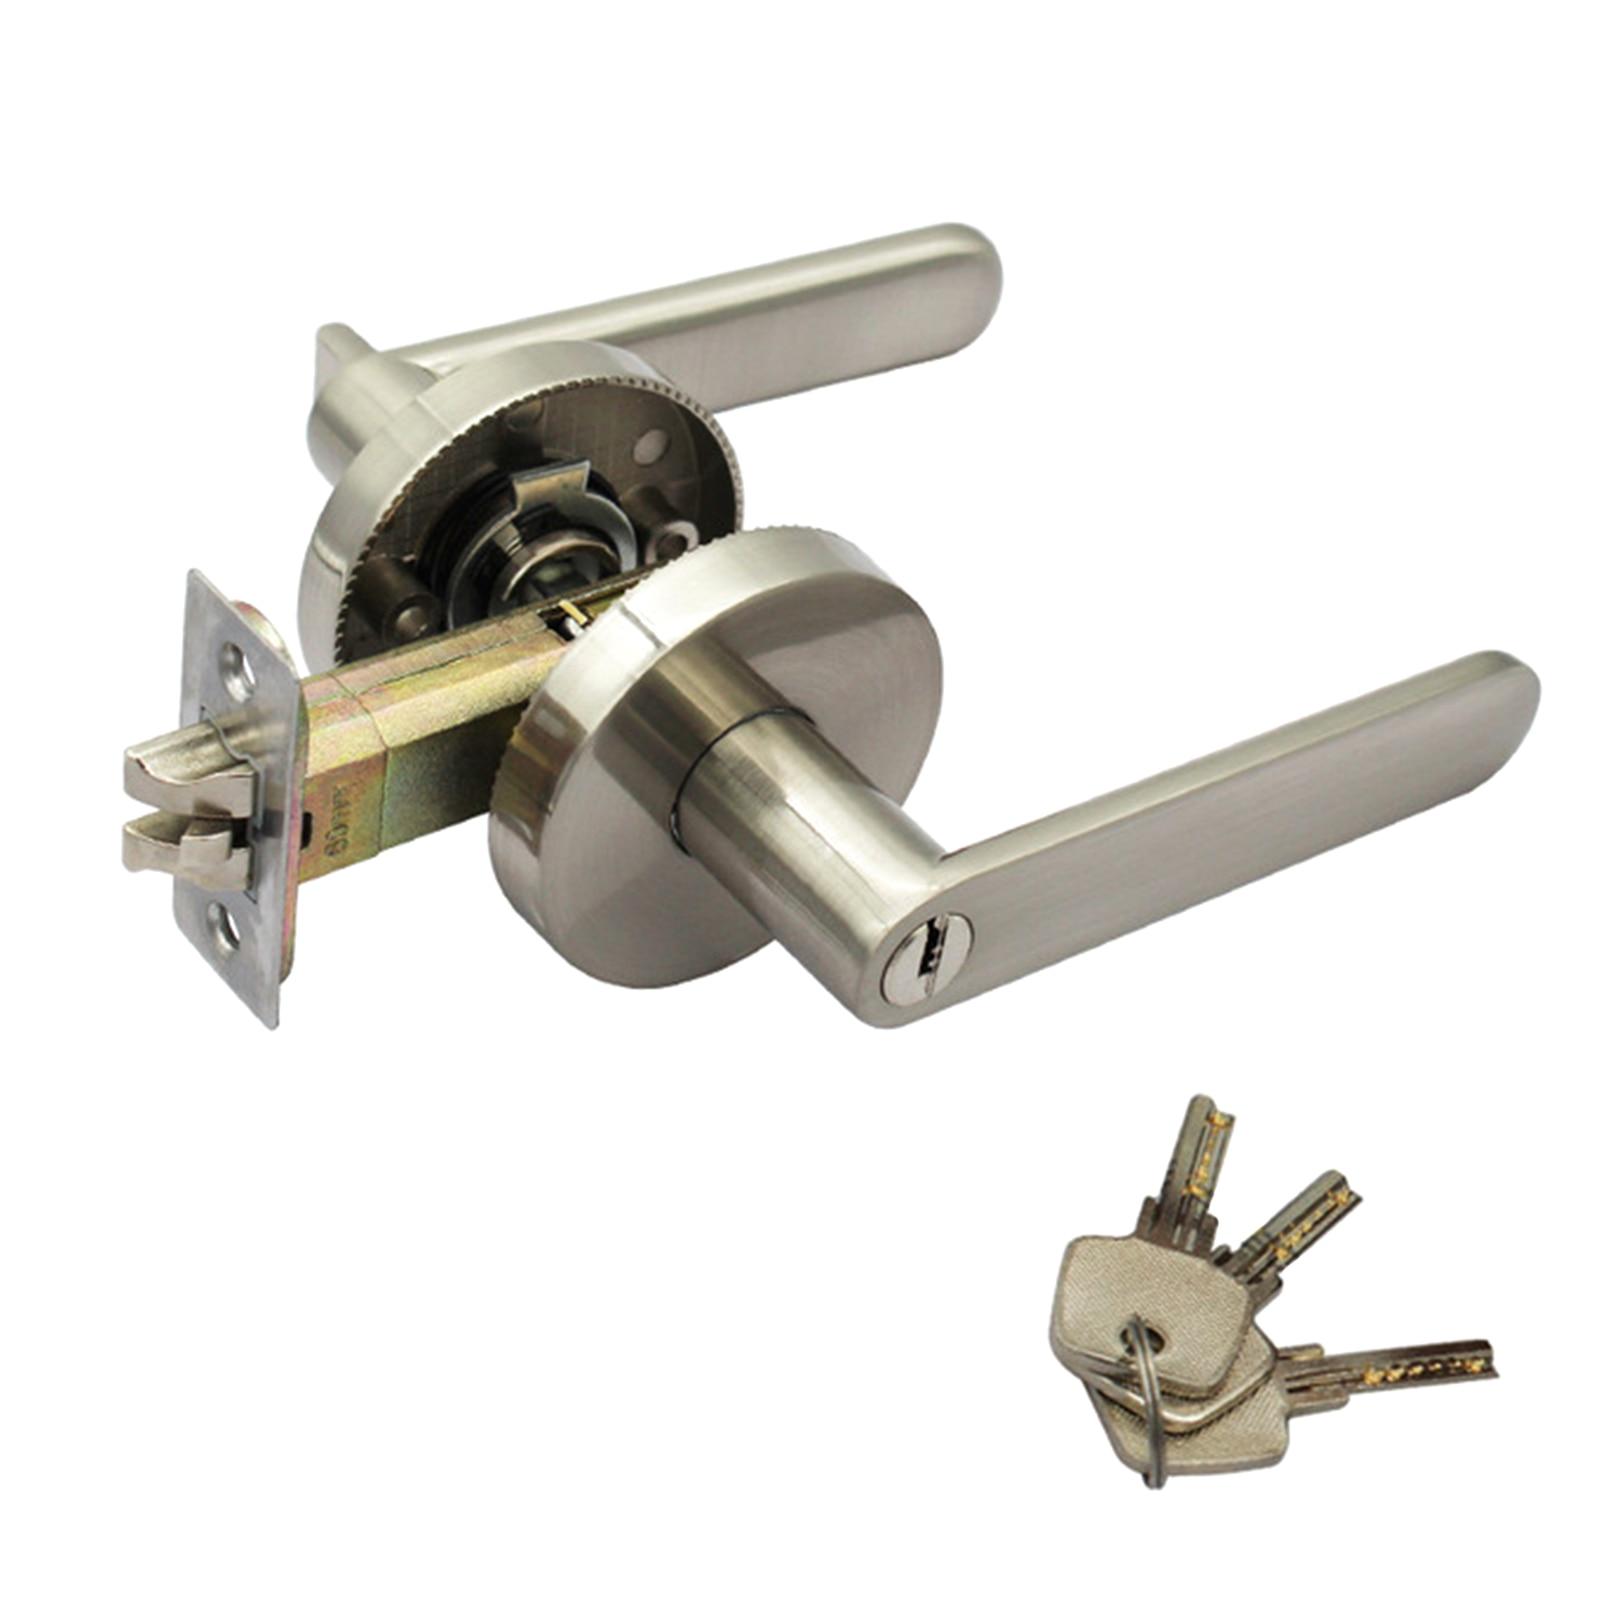 مكافحة سرقة سهلة التركيب الخصوصية ثلاثة بار سبائك الزنك غرفة نوم المنزل مكتب أبواب الحمامات مجموعة غلق صامت آمن دائم عدم الانزلاق